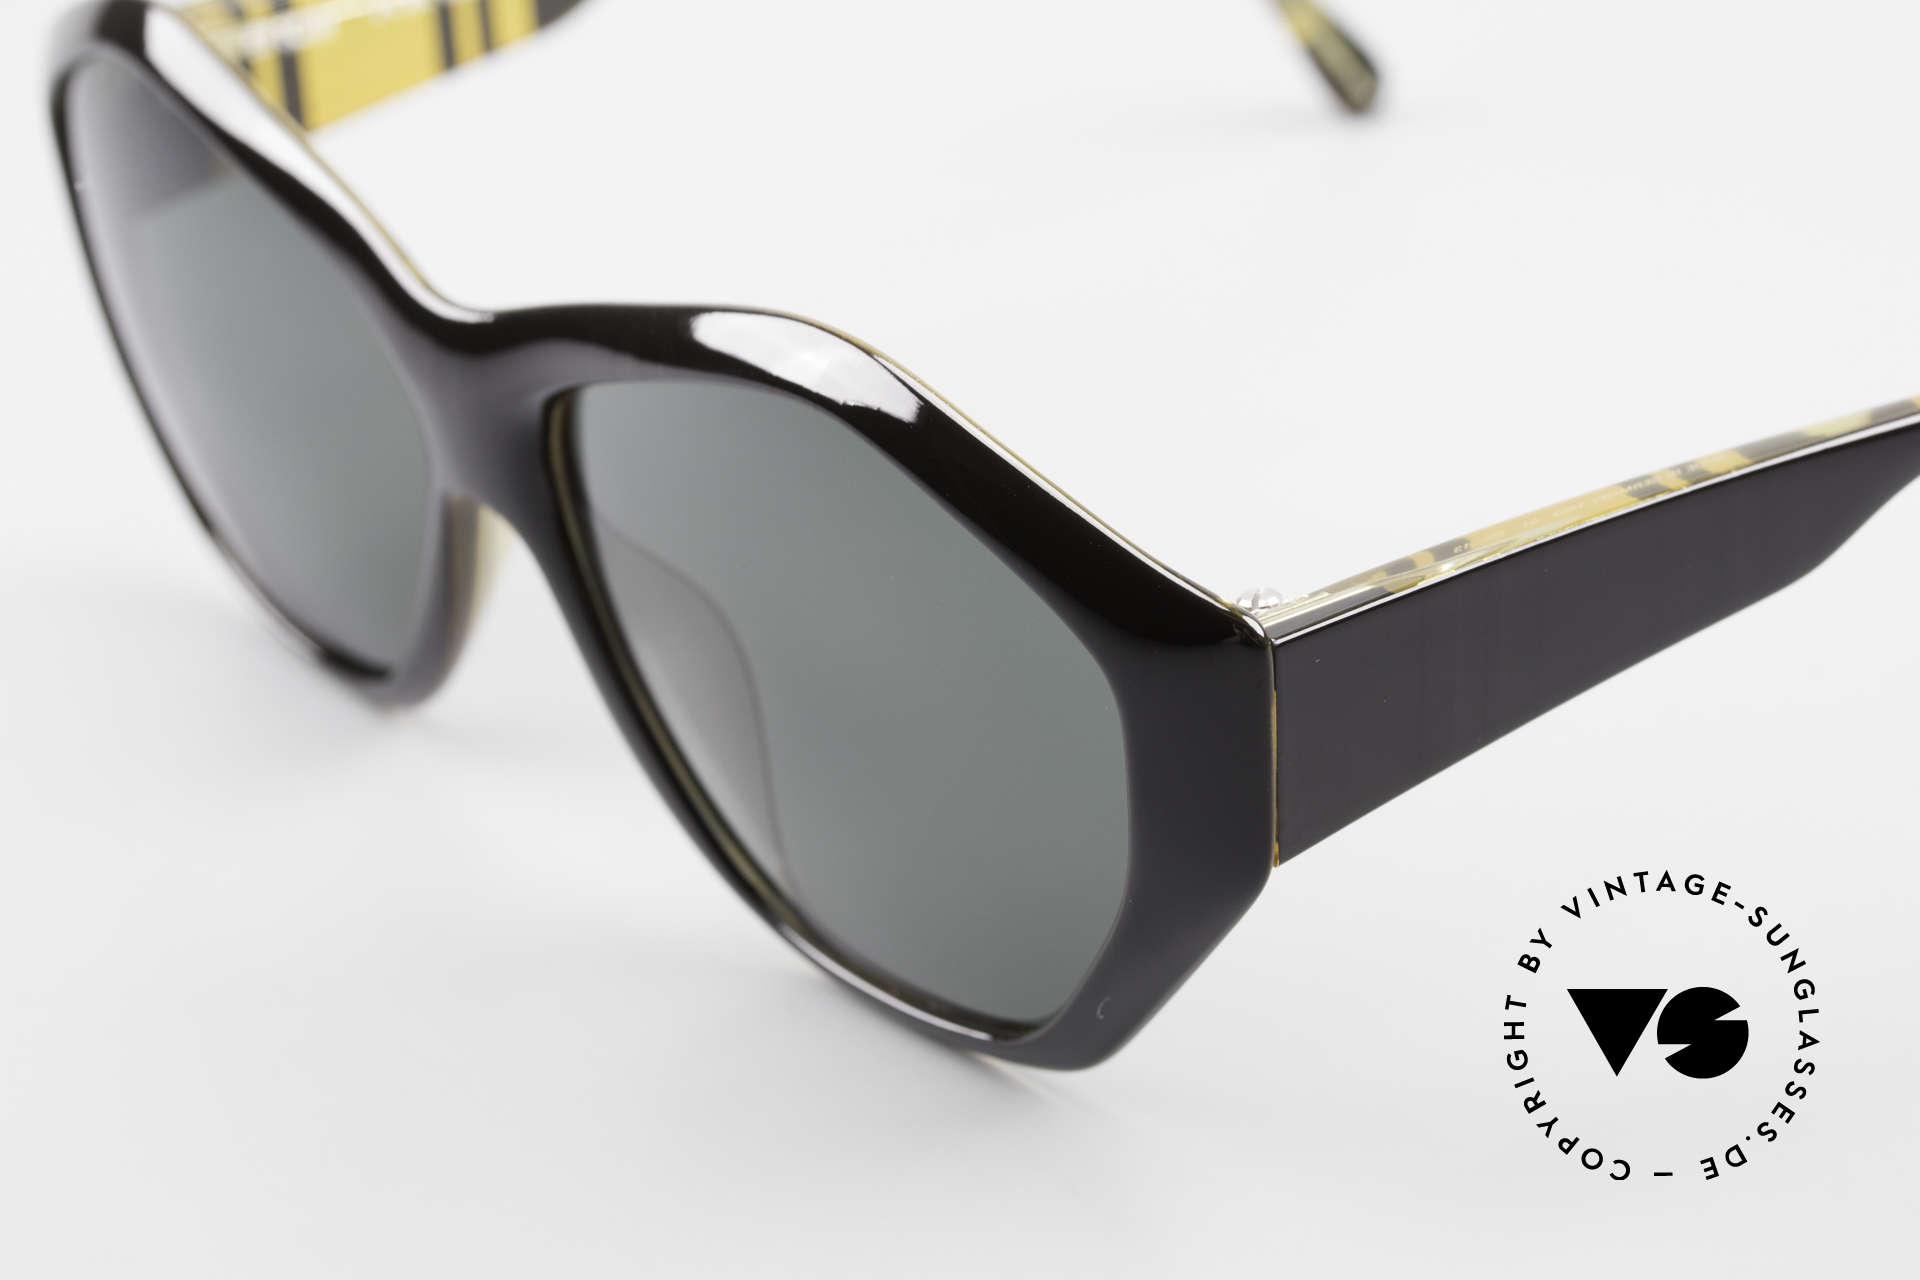 Paloma Picasso 1463 90er Damen Sonnenbrille Optyl, von 1990, doch das Optyl-Material glänzt wie neu, Passend für Damen